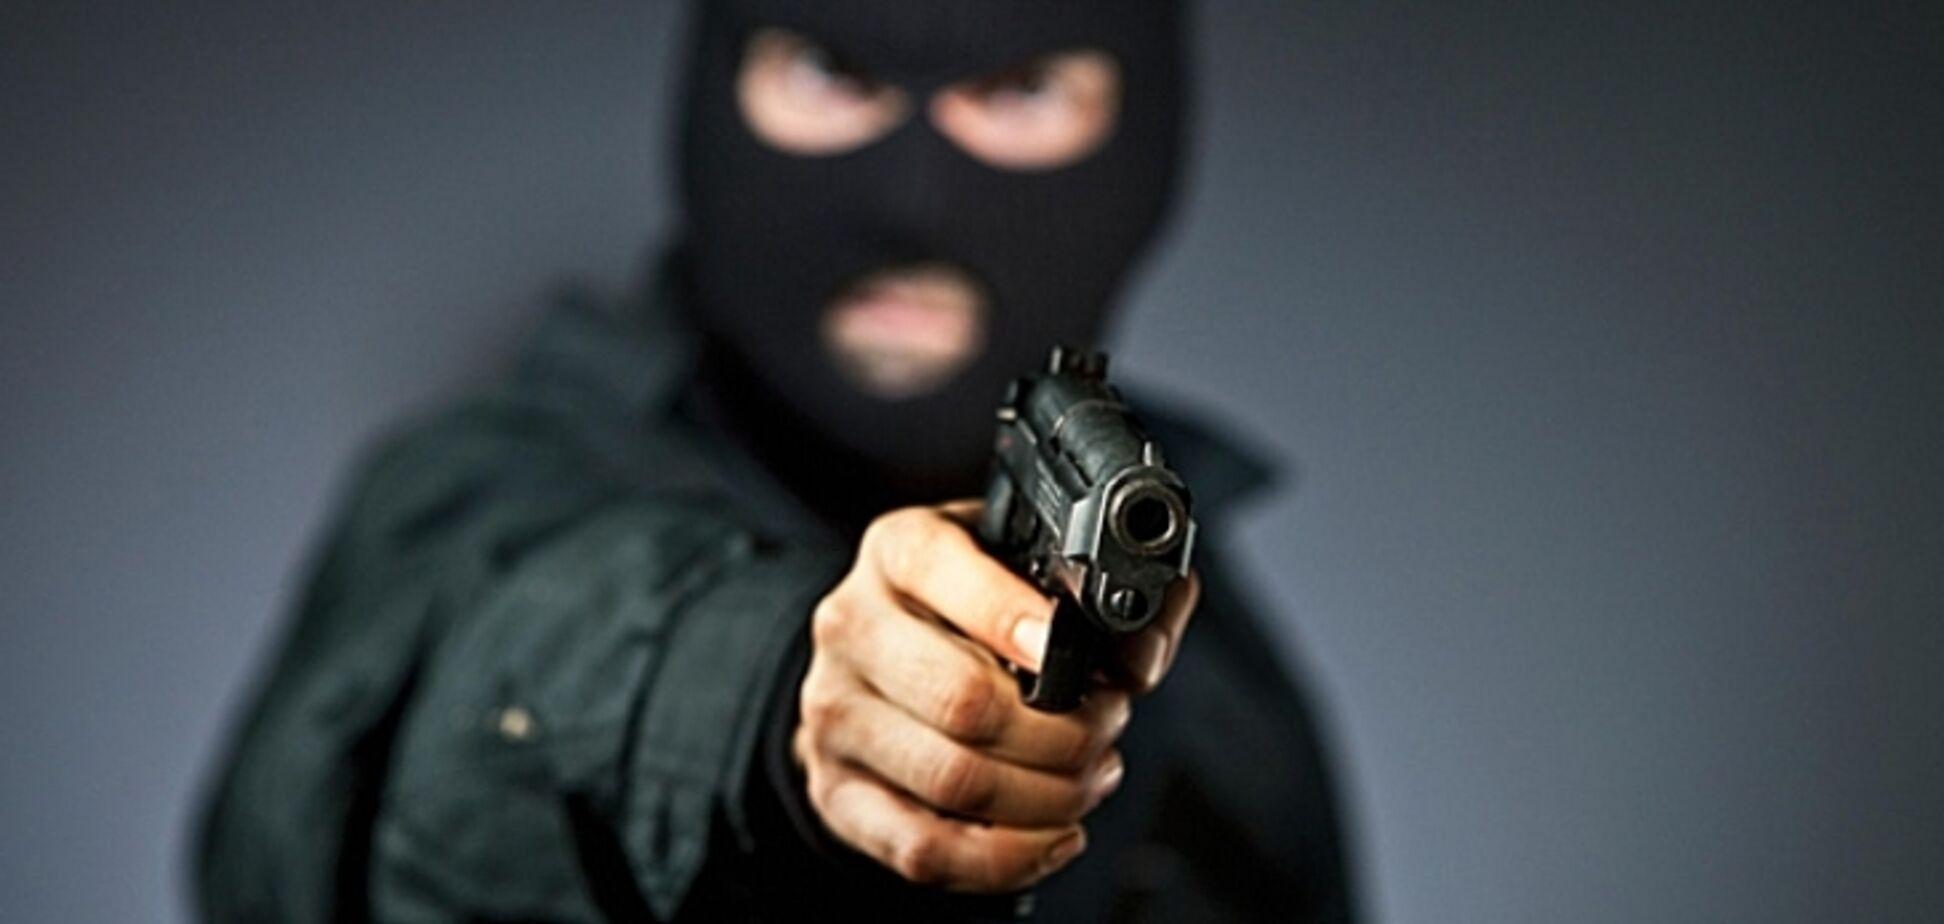 Подрезал внедорожник: в Киеве произошел дерзкий разбой